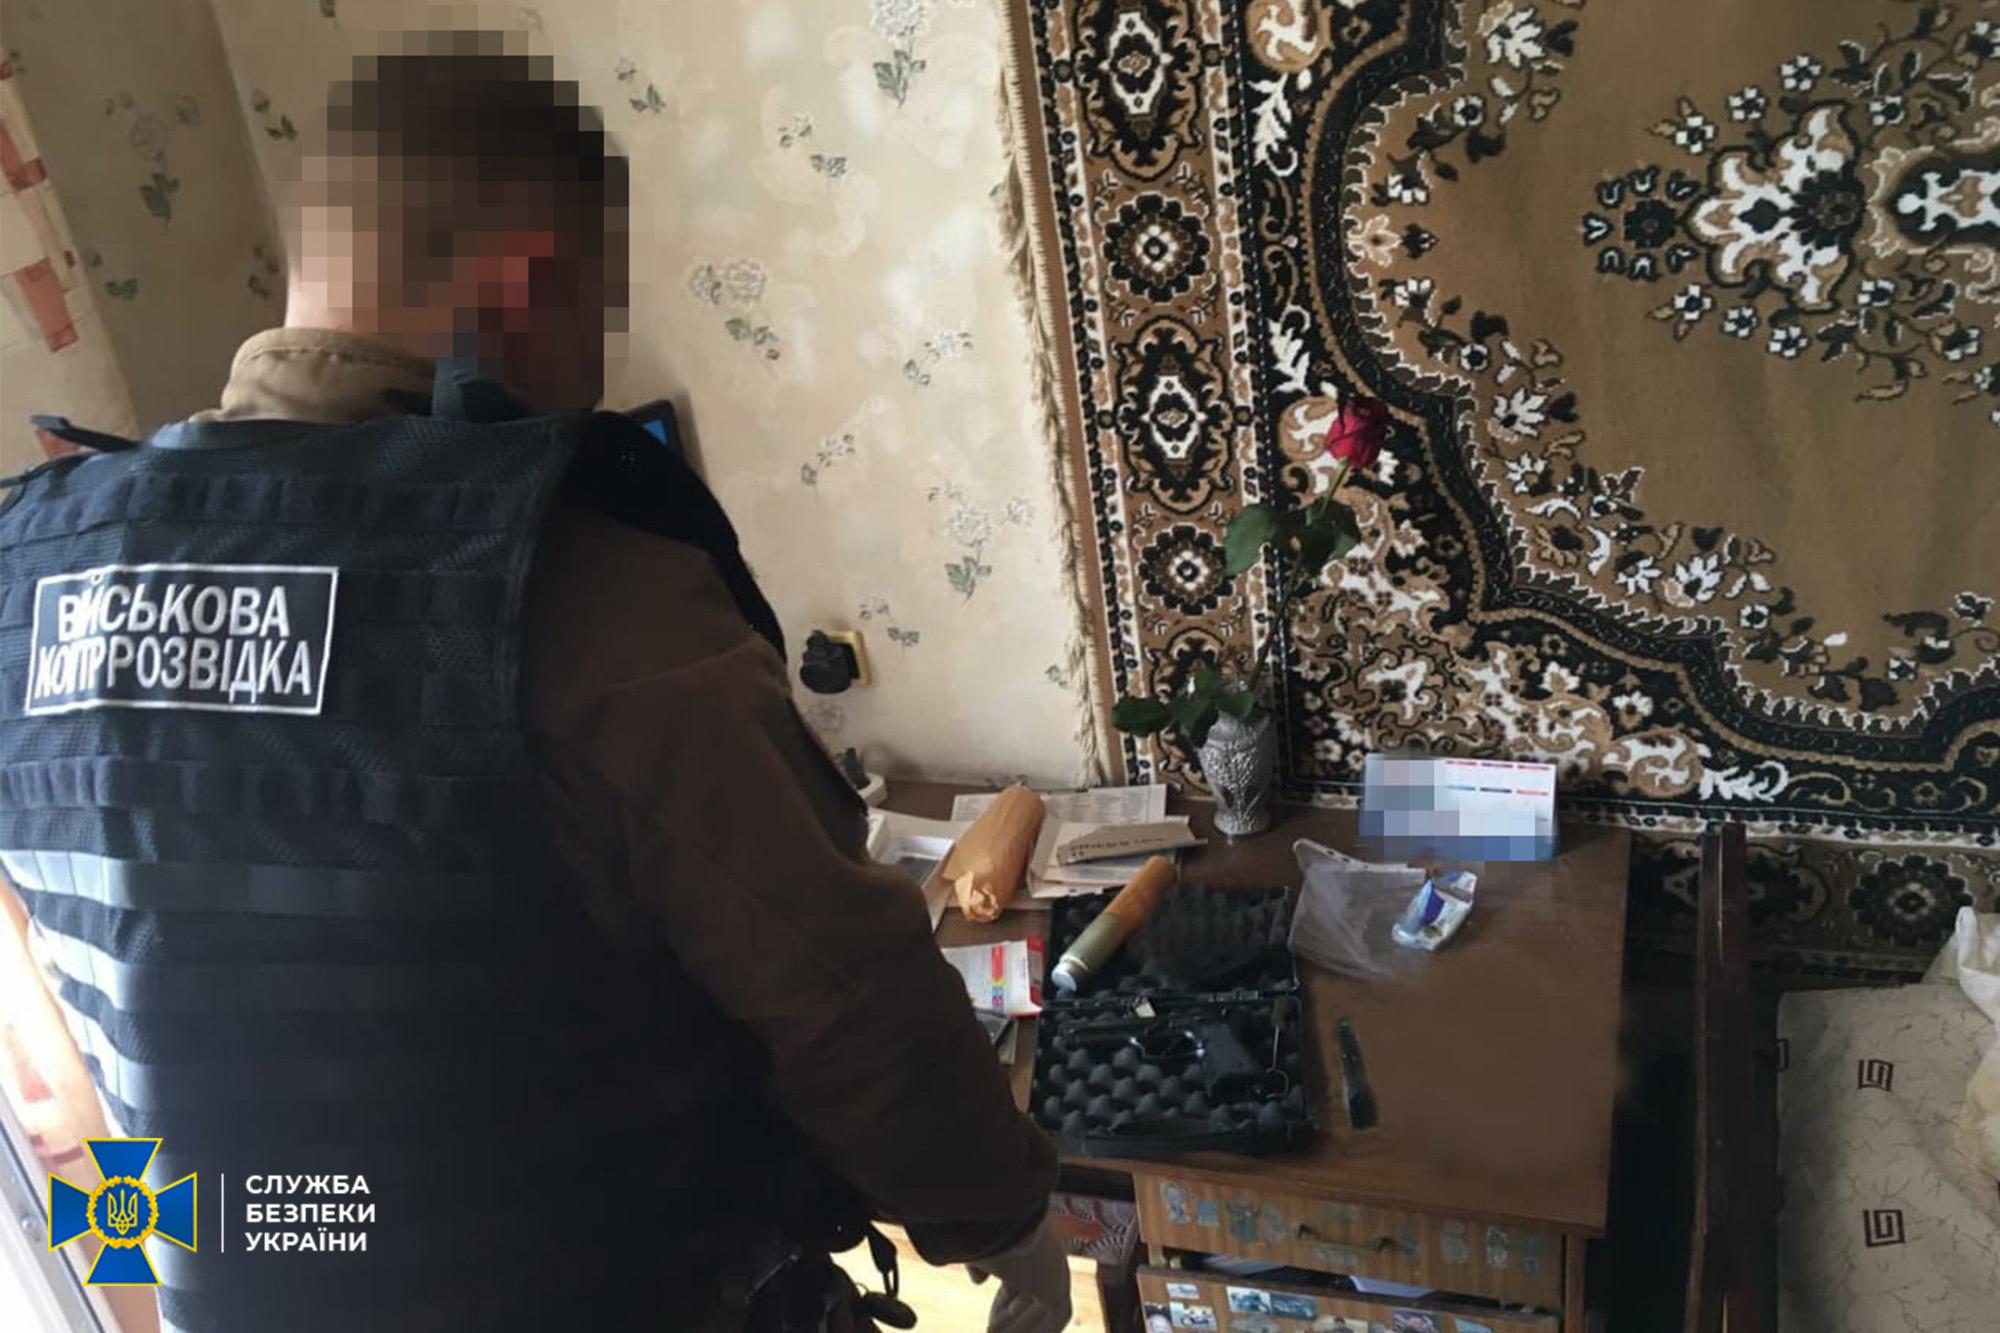 Мужчина нес службу в одной из частей в Донецкой области / ssu.gov.ua